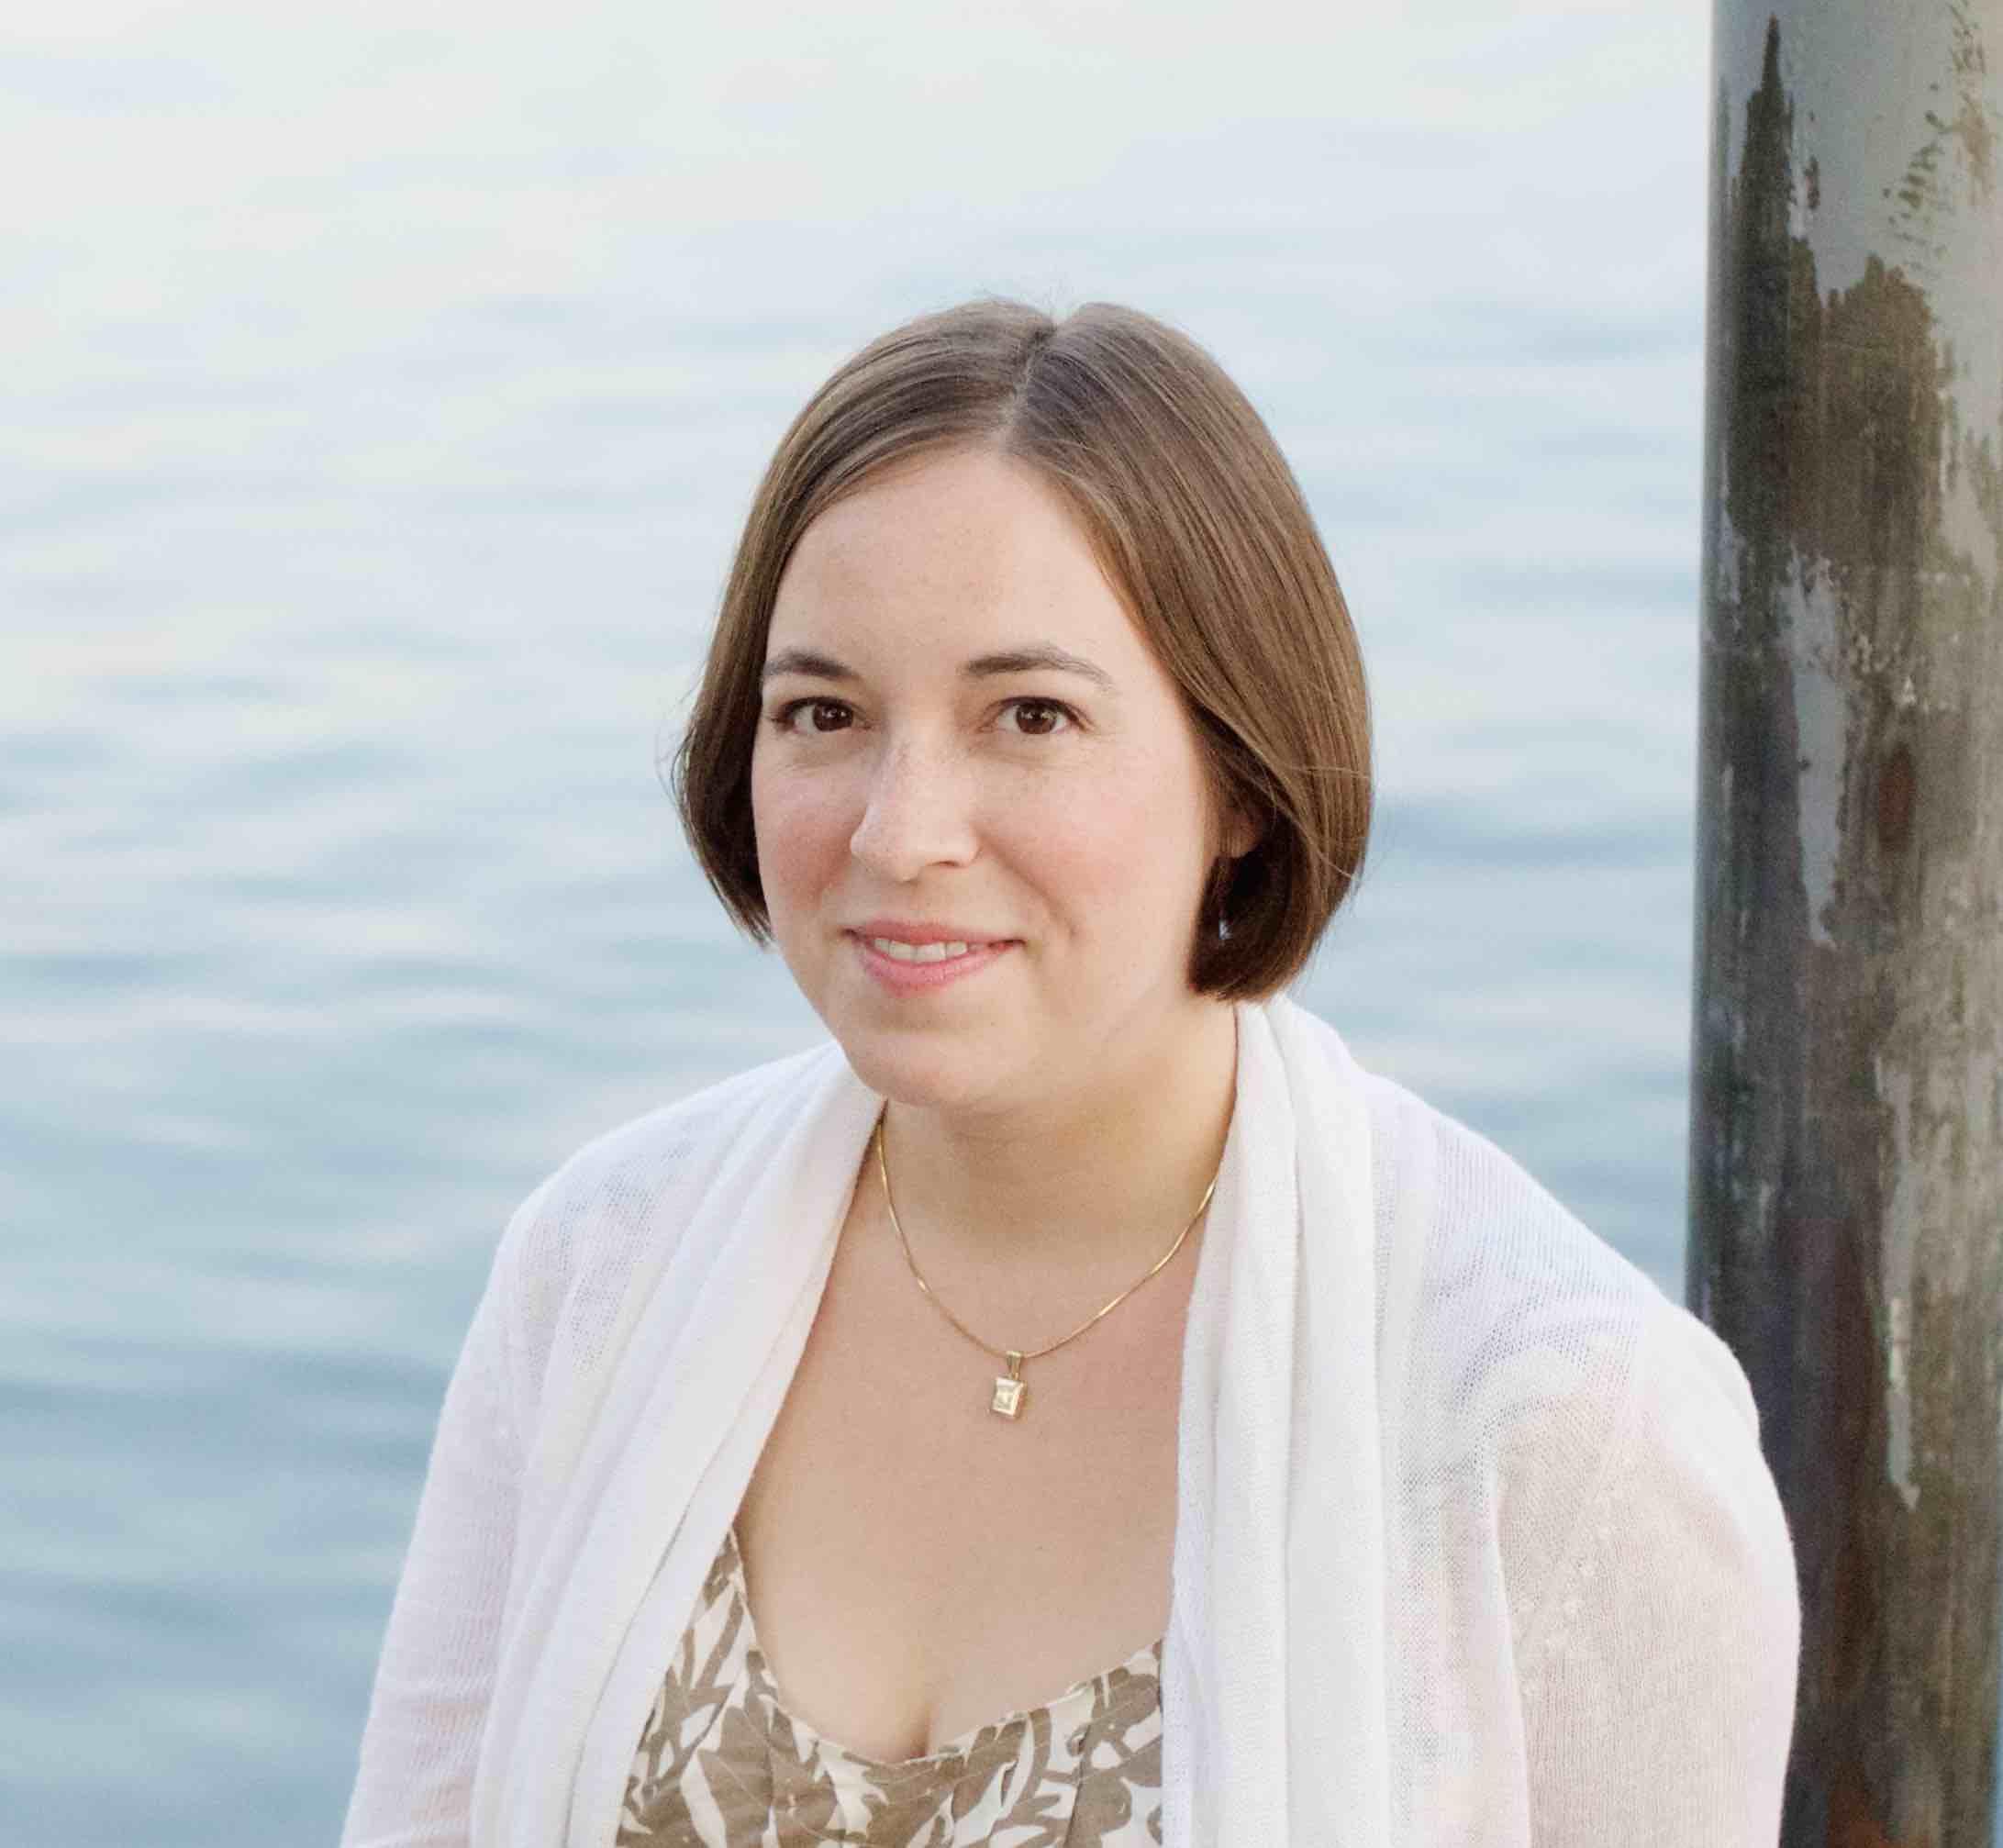 Kelly Harms photo